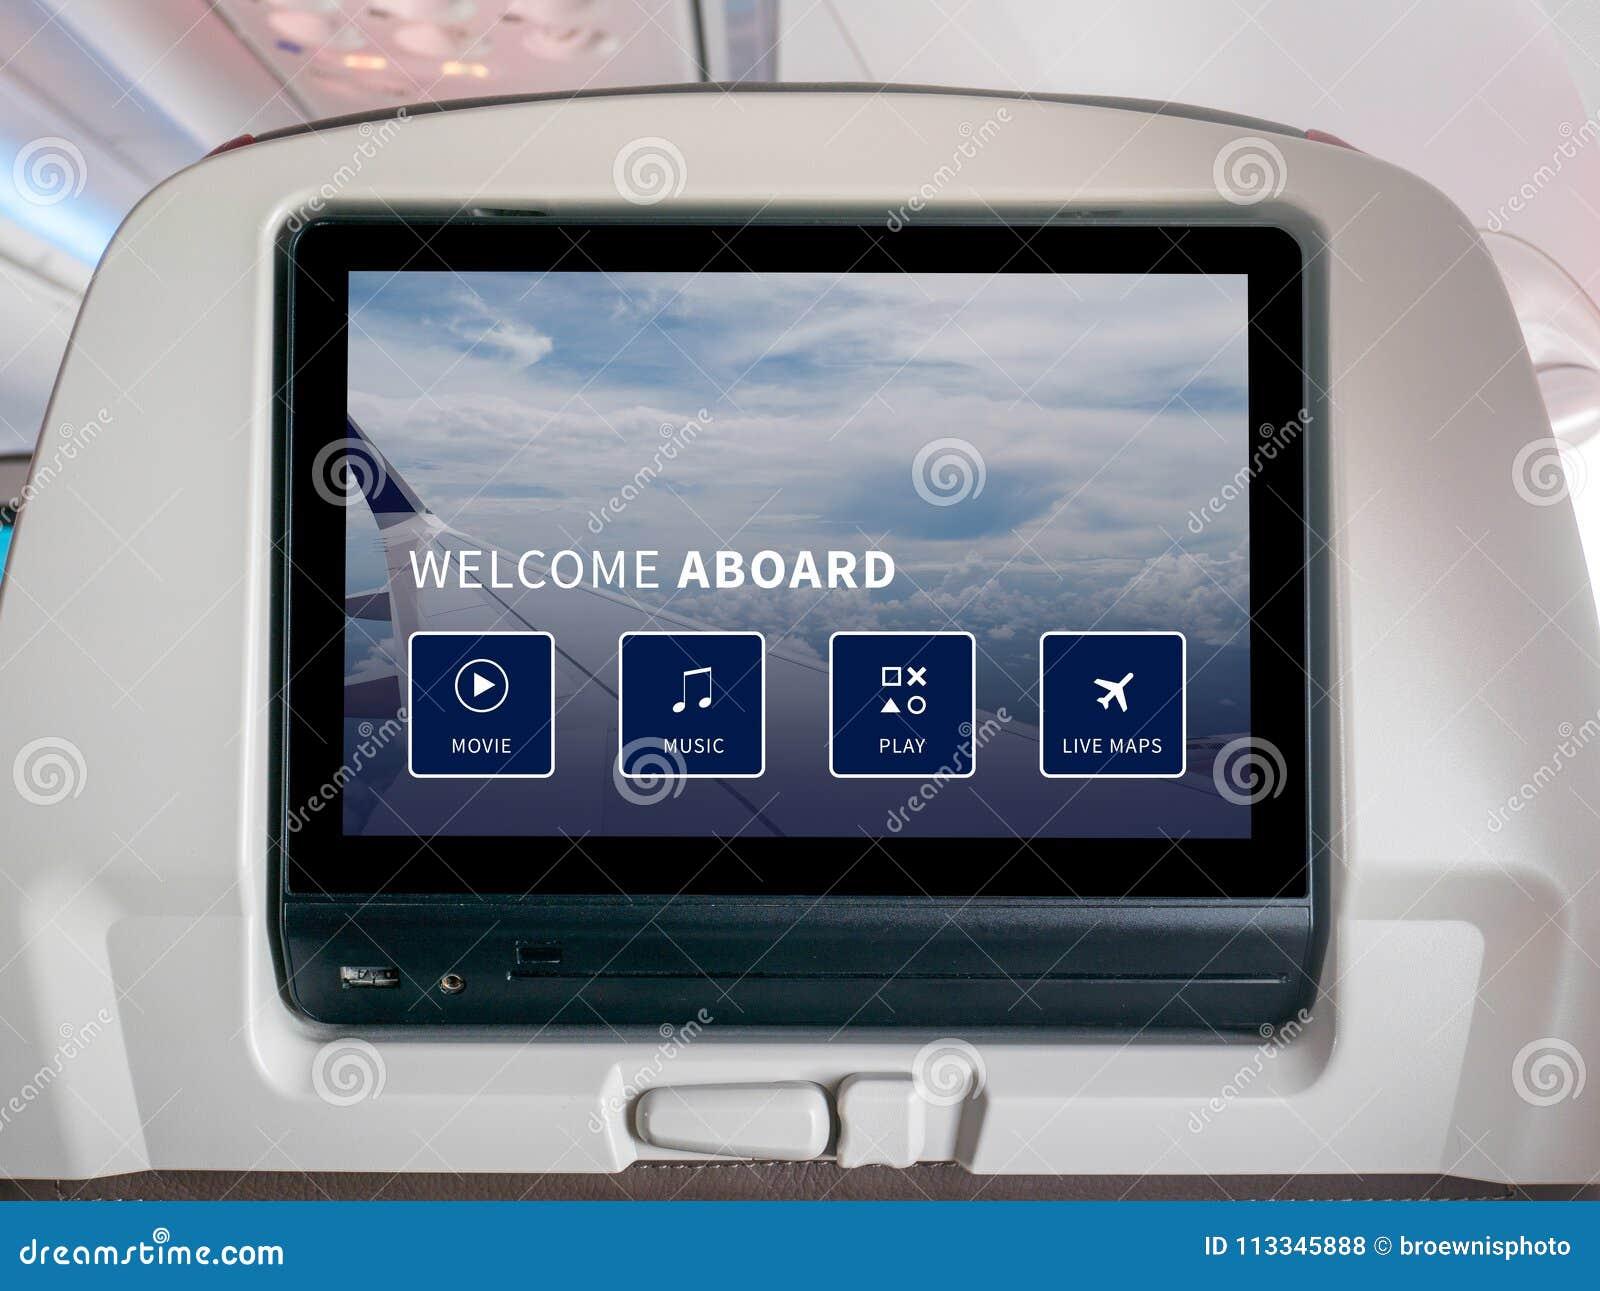 飞行中娱乐屏幕,飞行中屏幕,在飞机的Seatback屏幕